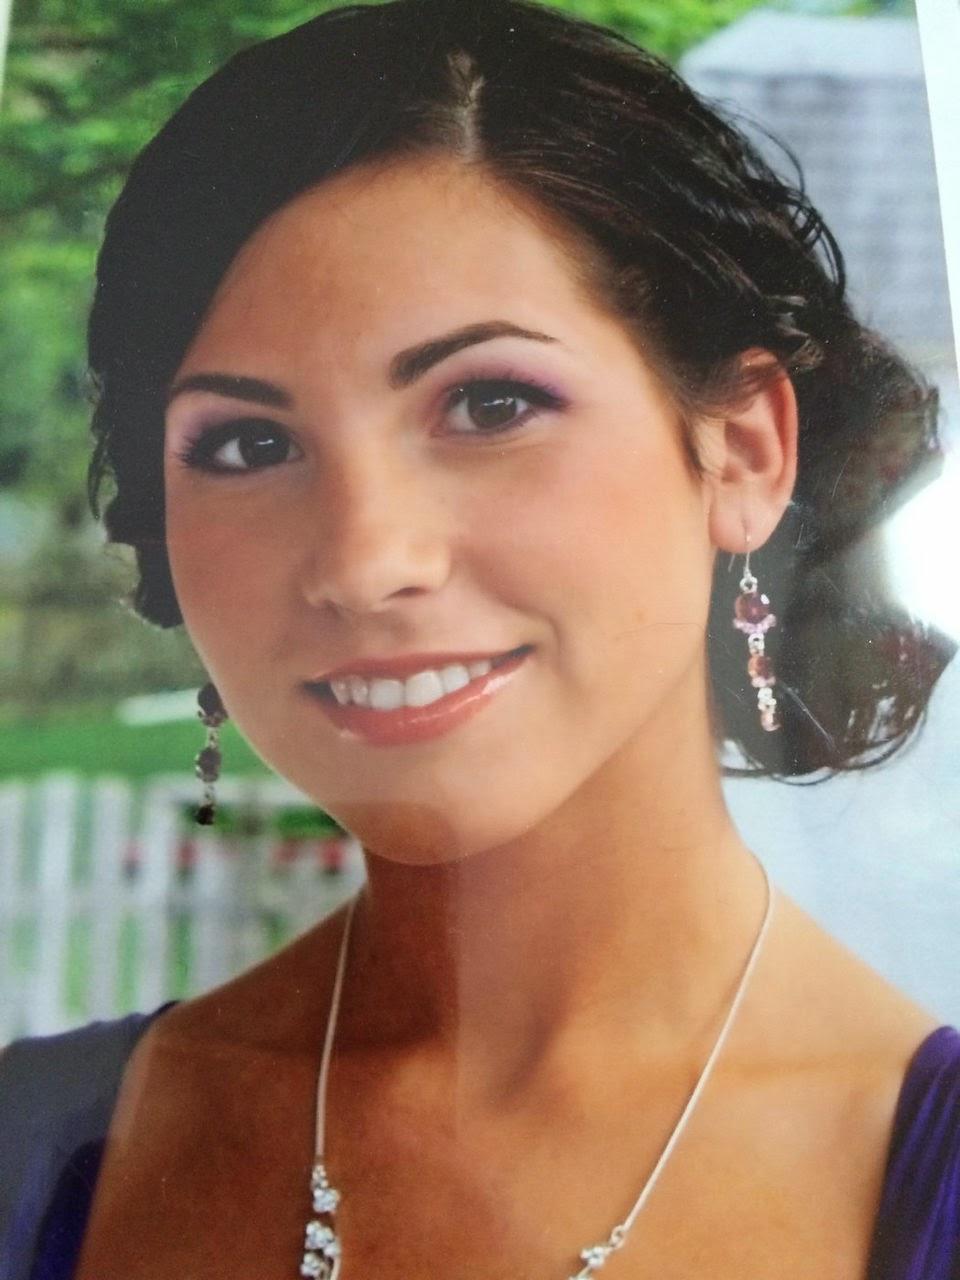 Caitlin Kearney: New Jersey woman missing since 2012 ...